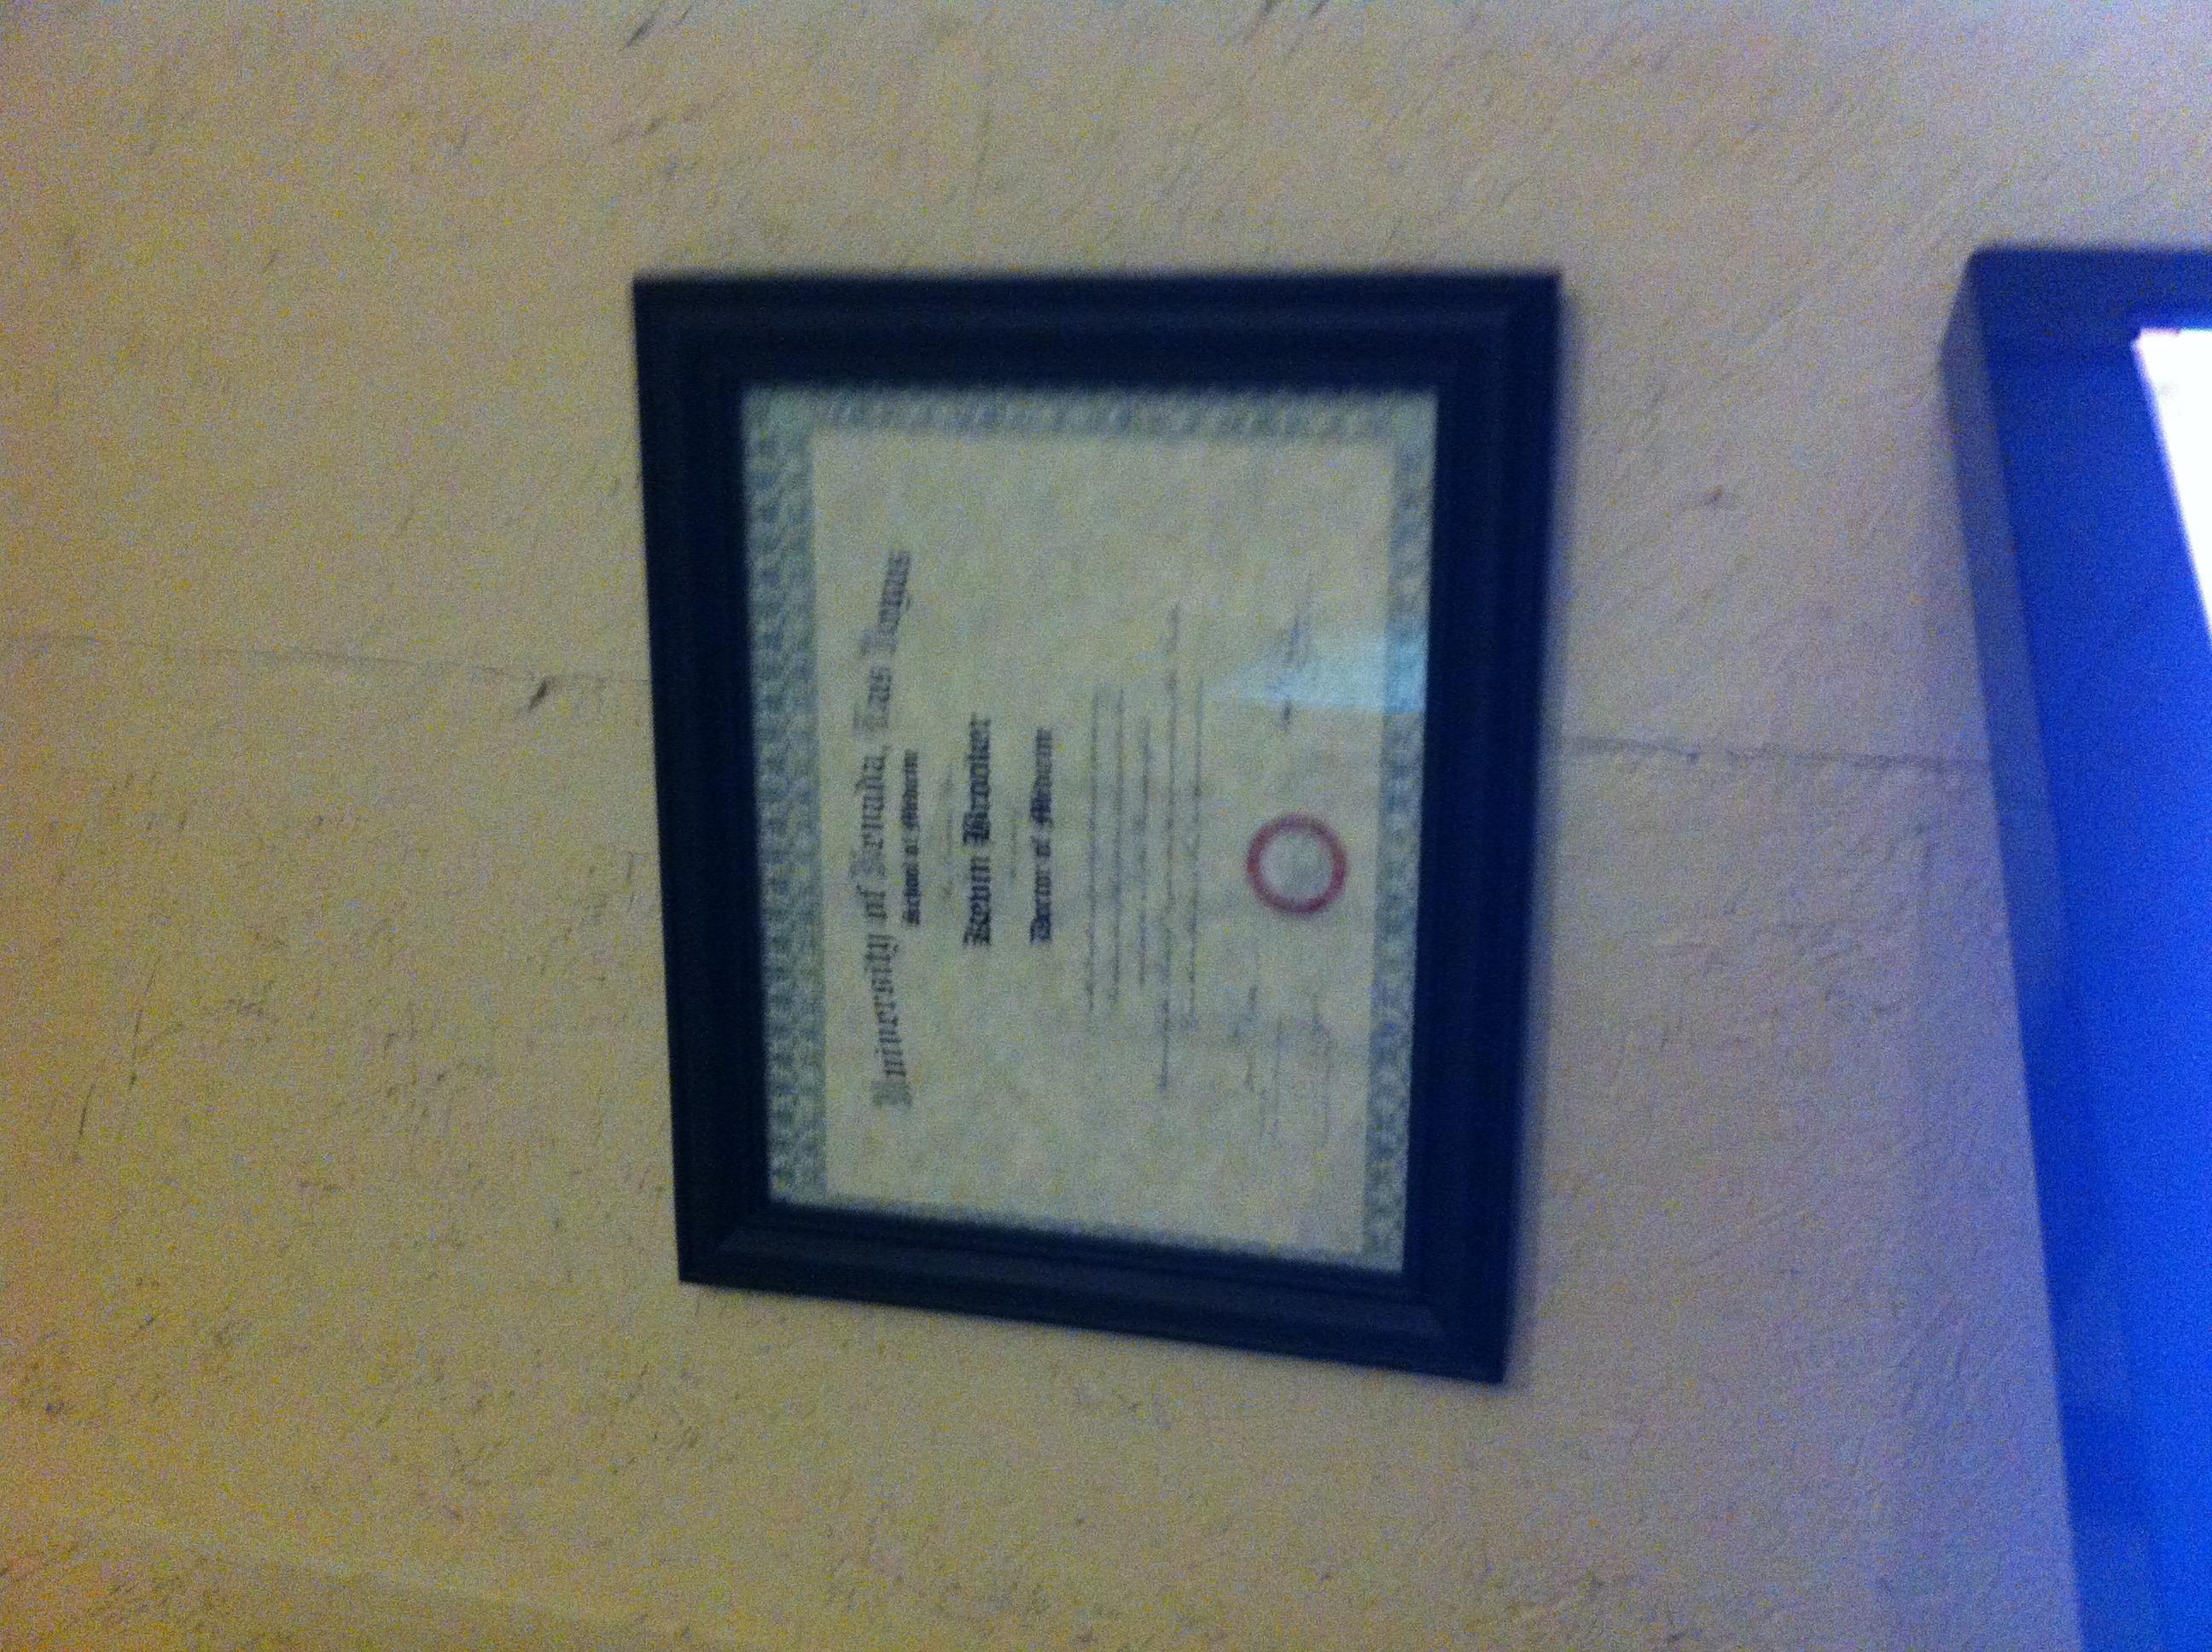 Kevin's diploma